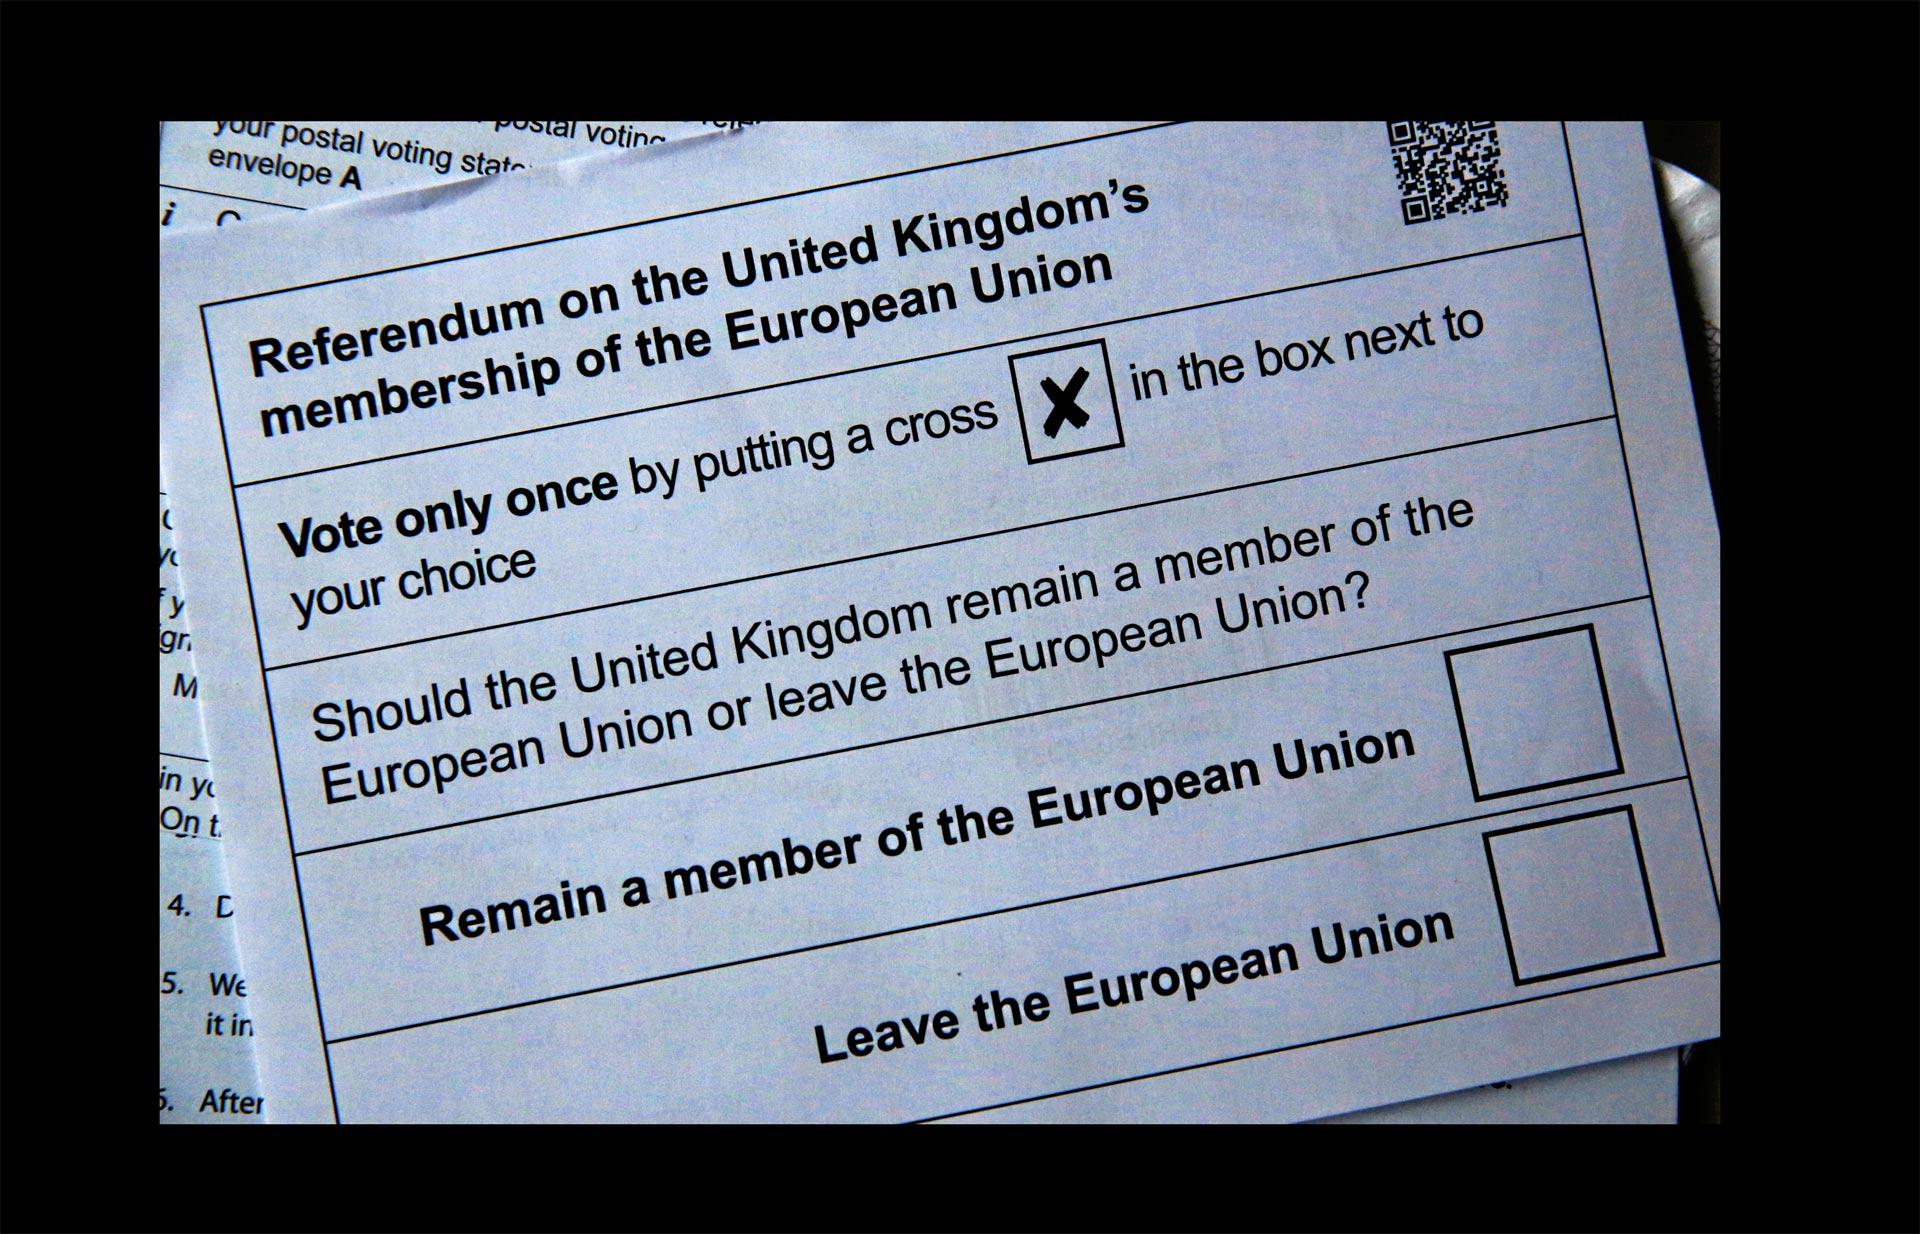 Falta menos de un mes para el referéndum sobre la permanencia crucial referéndum sobre la permanencia o no de Reino Unido en la UE